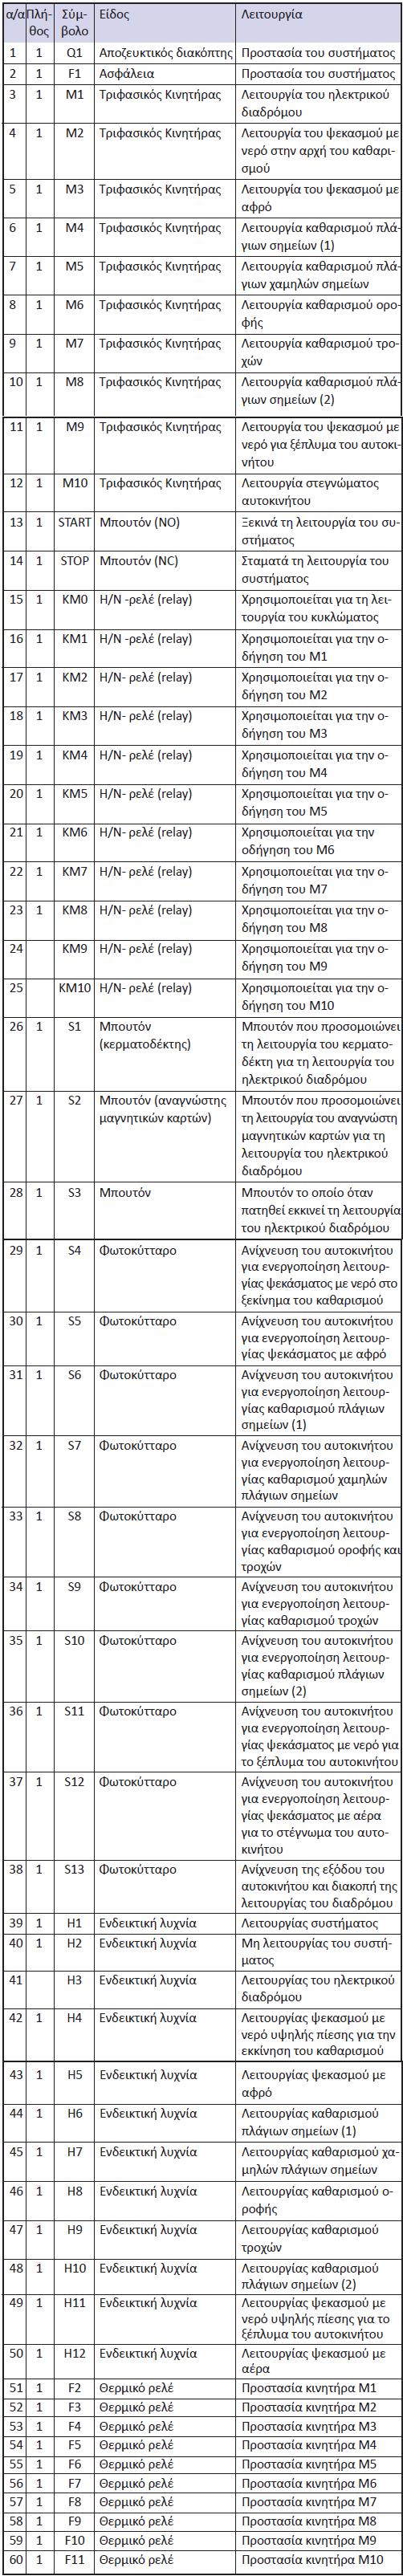 Πίνακας 7.6: Χρησιμοποιούμενες συσκευές και στοιχεία αυτοματισμού